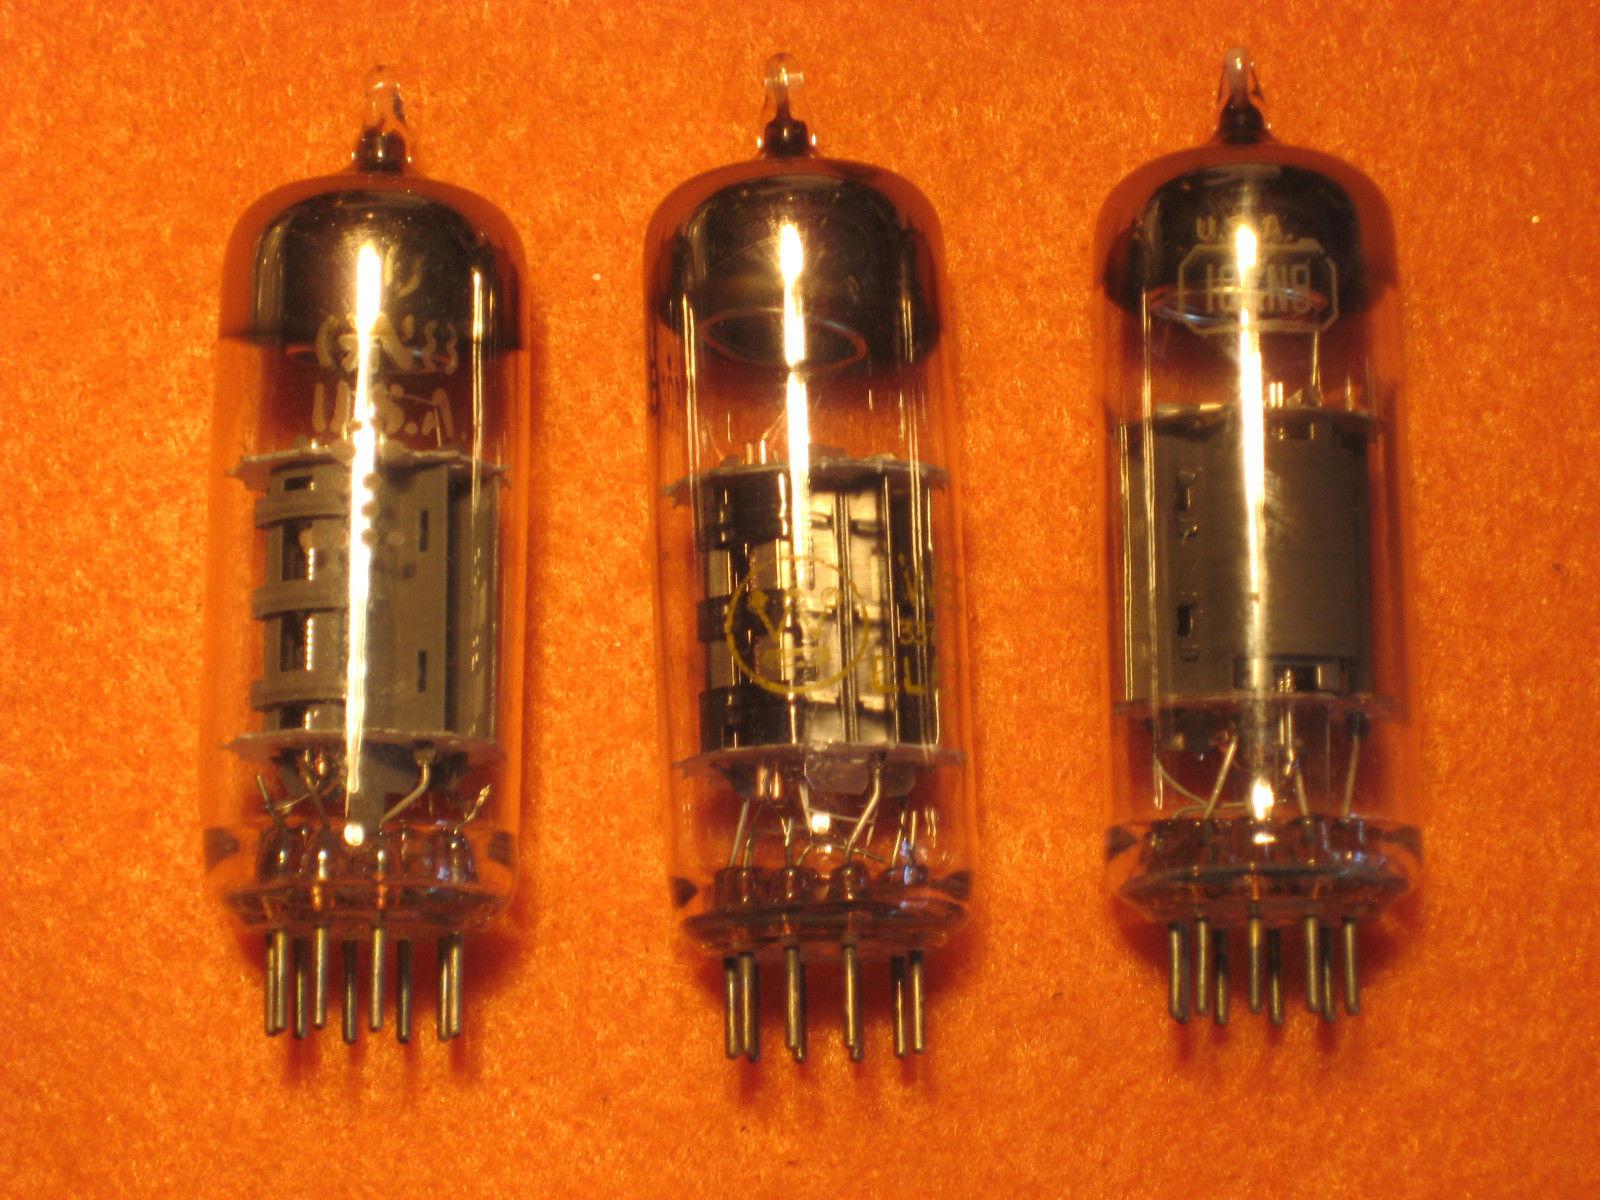 Vintage Radio Vacuum Tube (one): 10GN8 - Tested Good